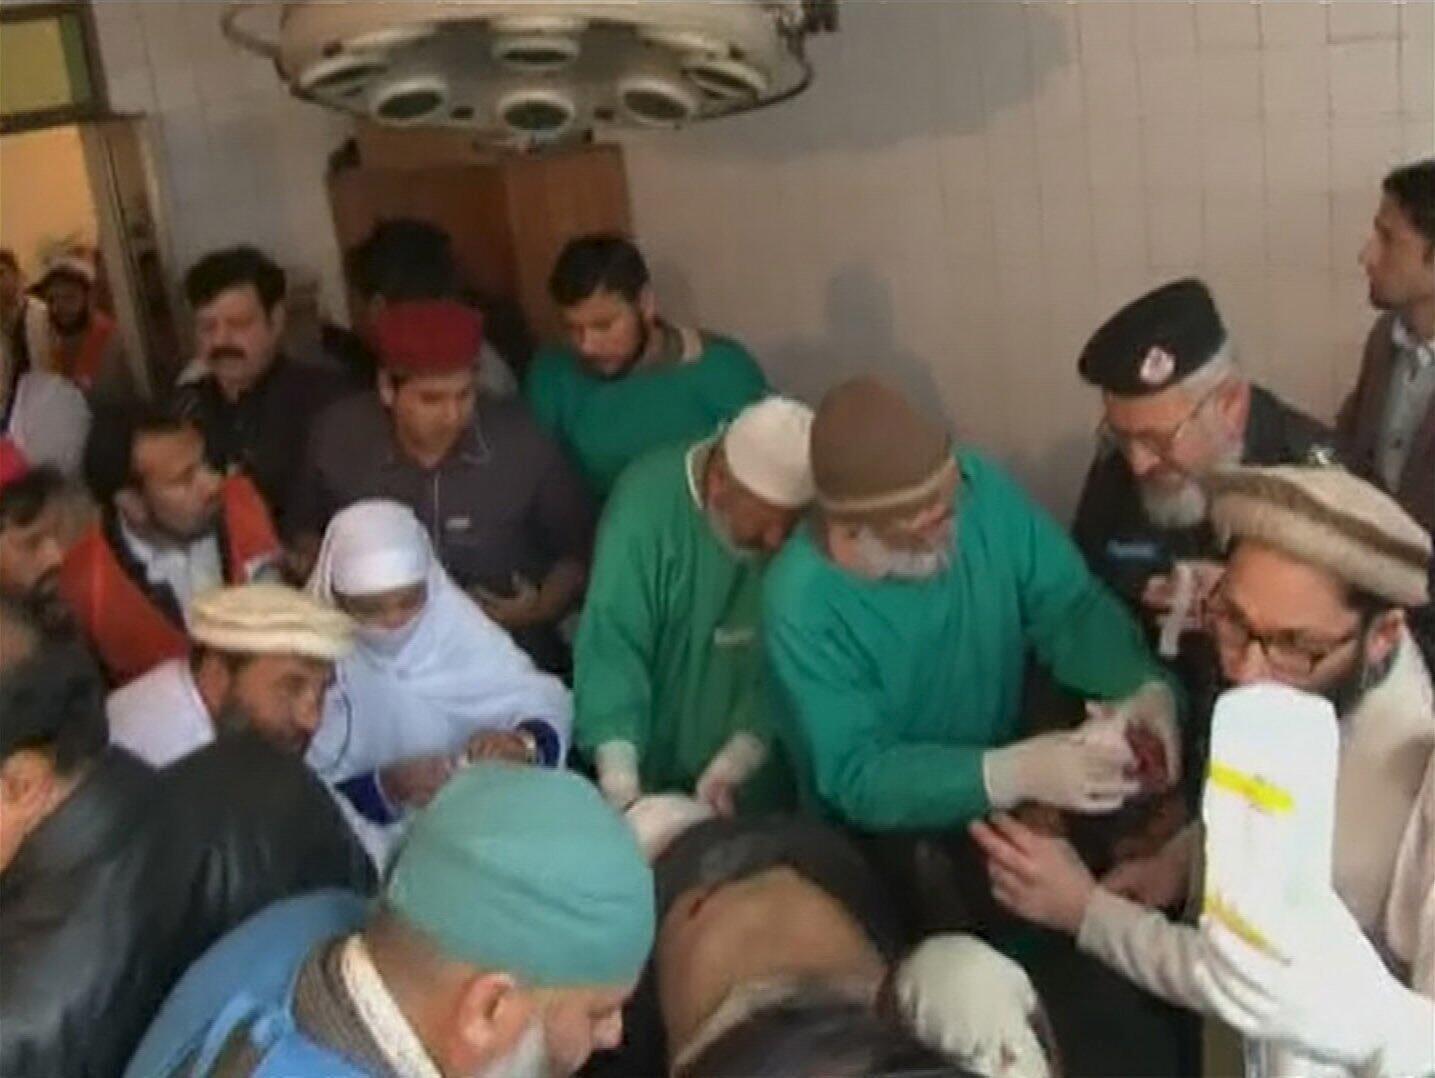 A l'hôpital principal de Charsadda, au nord-ouest de la province deKhyber Pakhtunkhwa, les médecins assistent les personnes blessées dans l'attaque de l'université Bacha Khan, le20janvier2016.